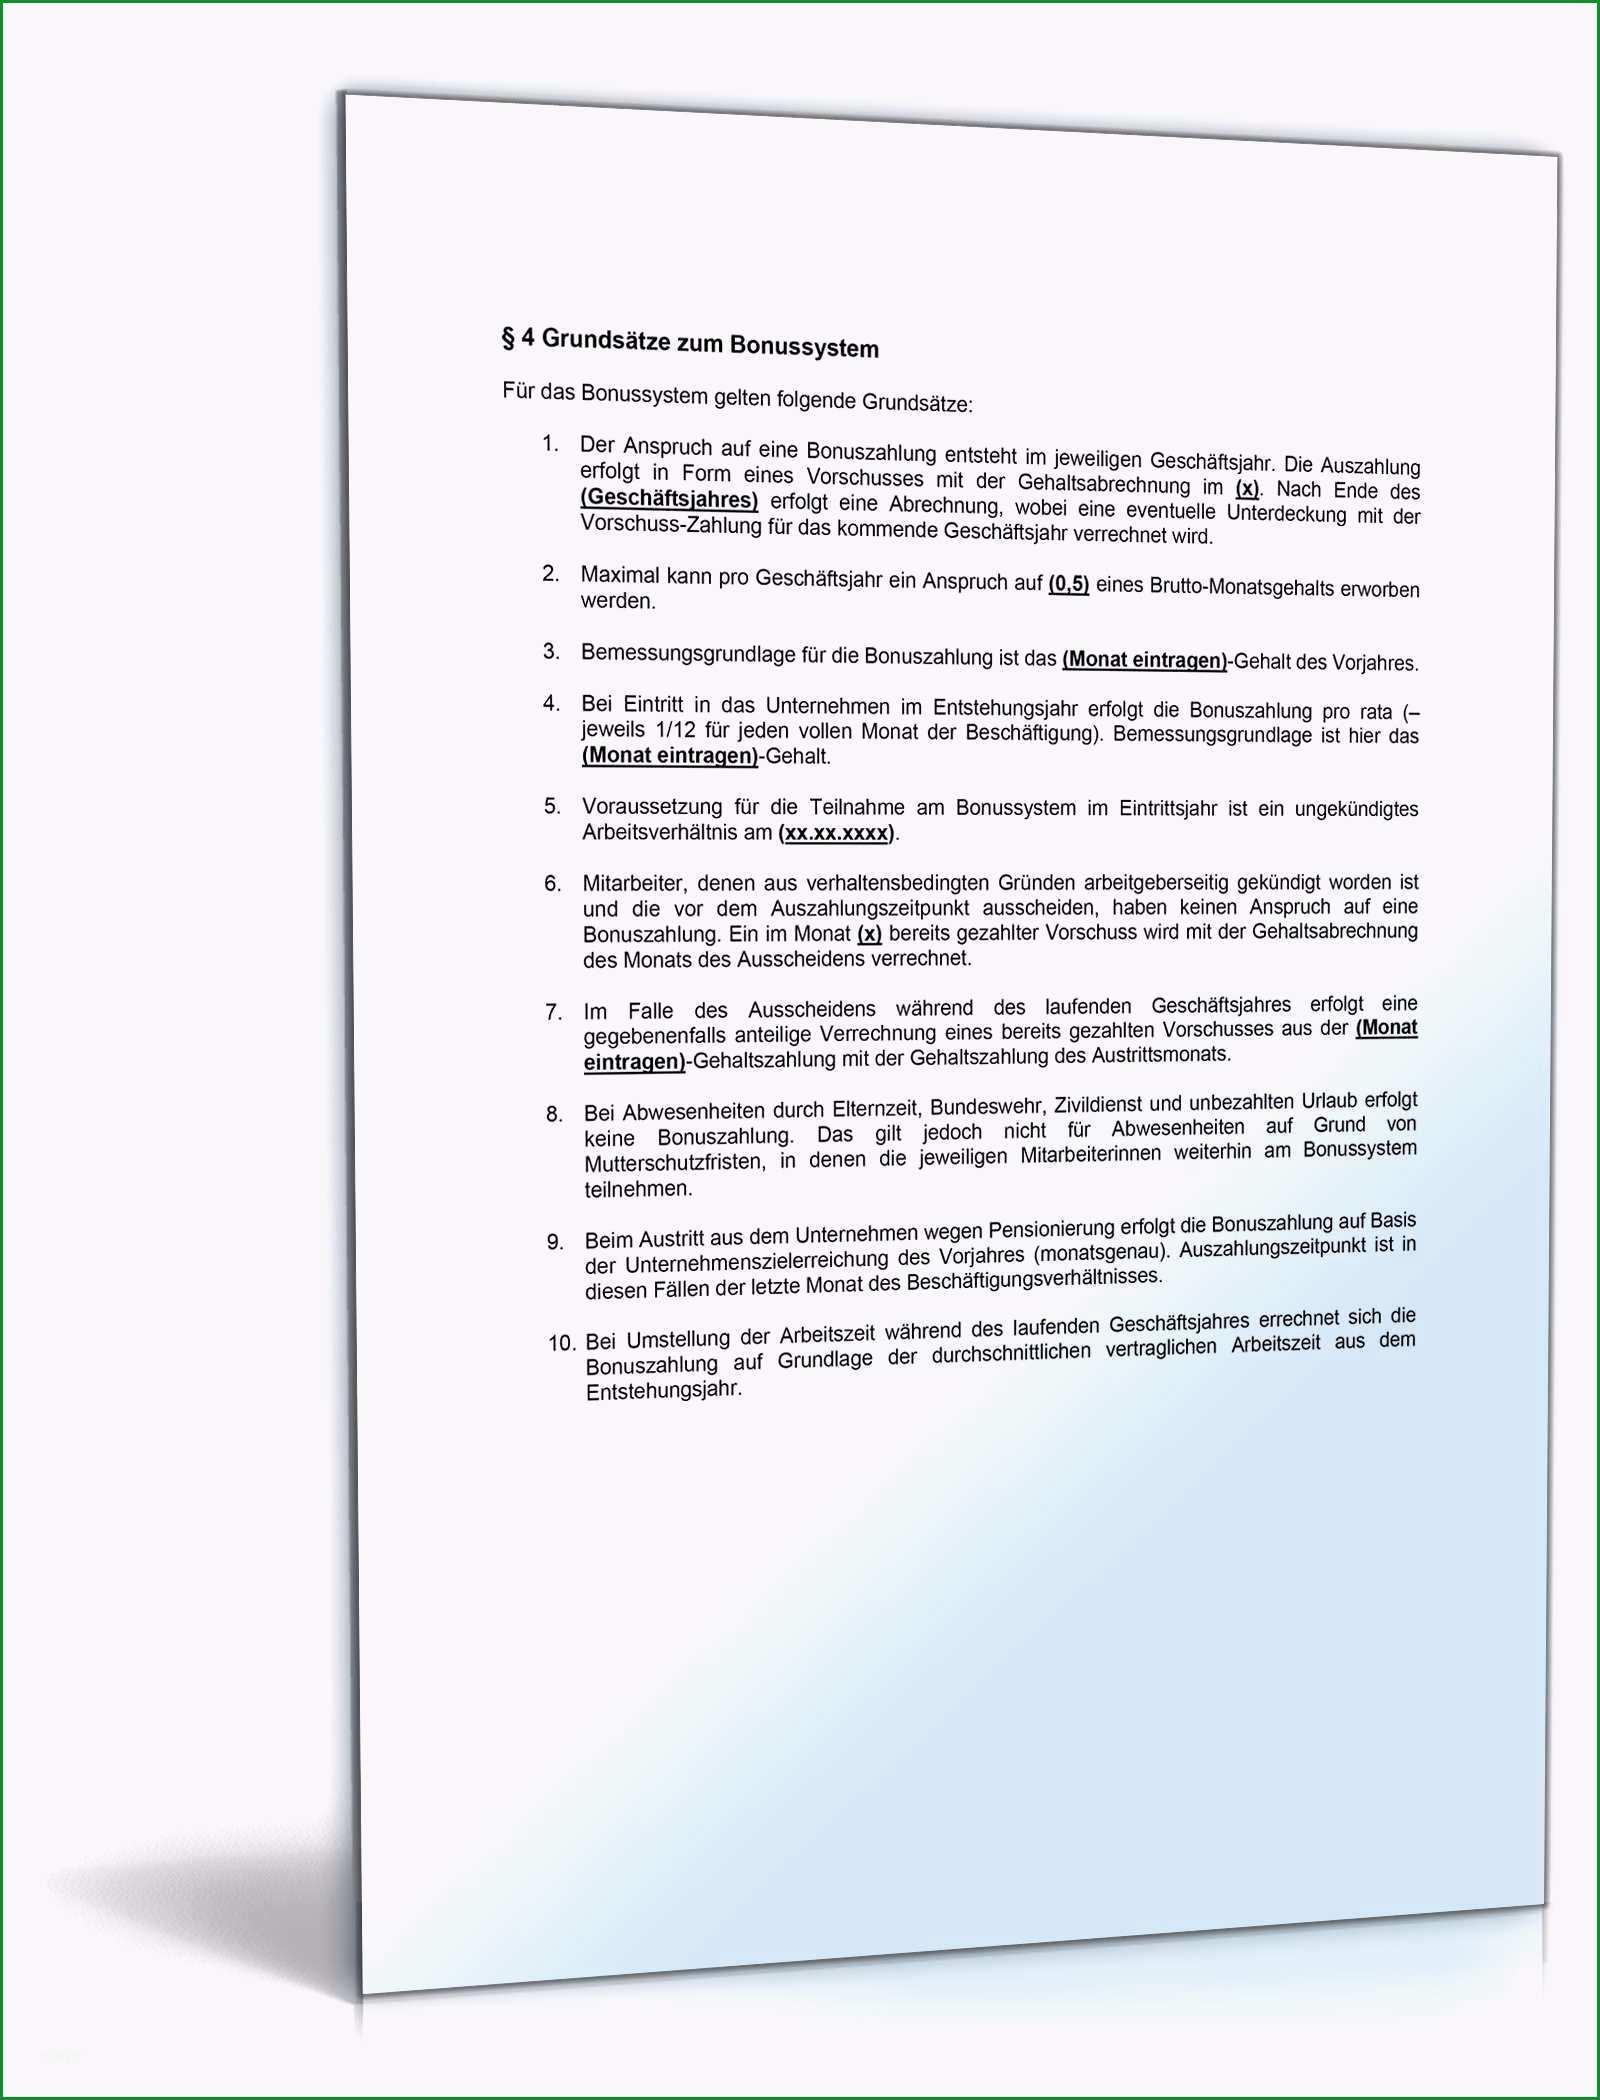 schriftliche vereinbarung arbeitszeitkonto vorlage kaufvertrag muster und vorlagen zum